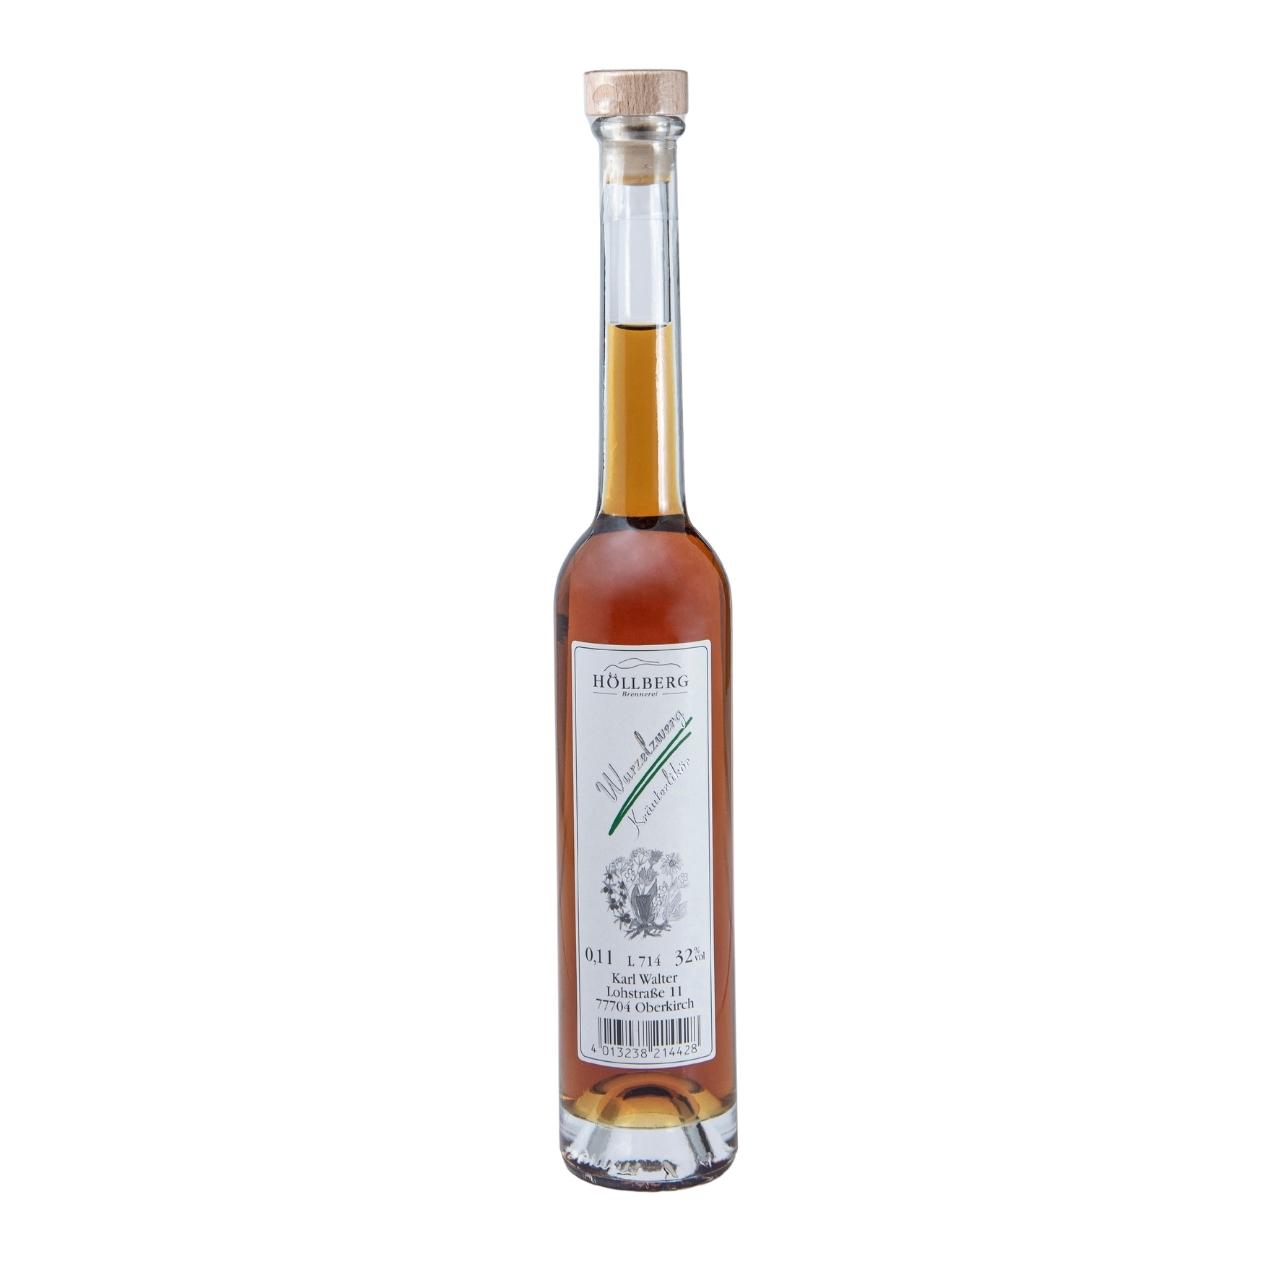 0,1 Liter Platinflasche Höllberg Wurzelzwerg Kräuterlikör